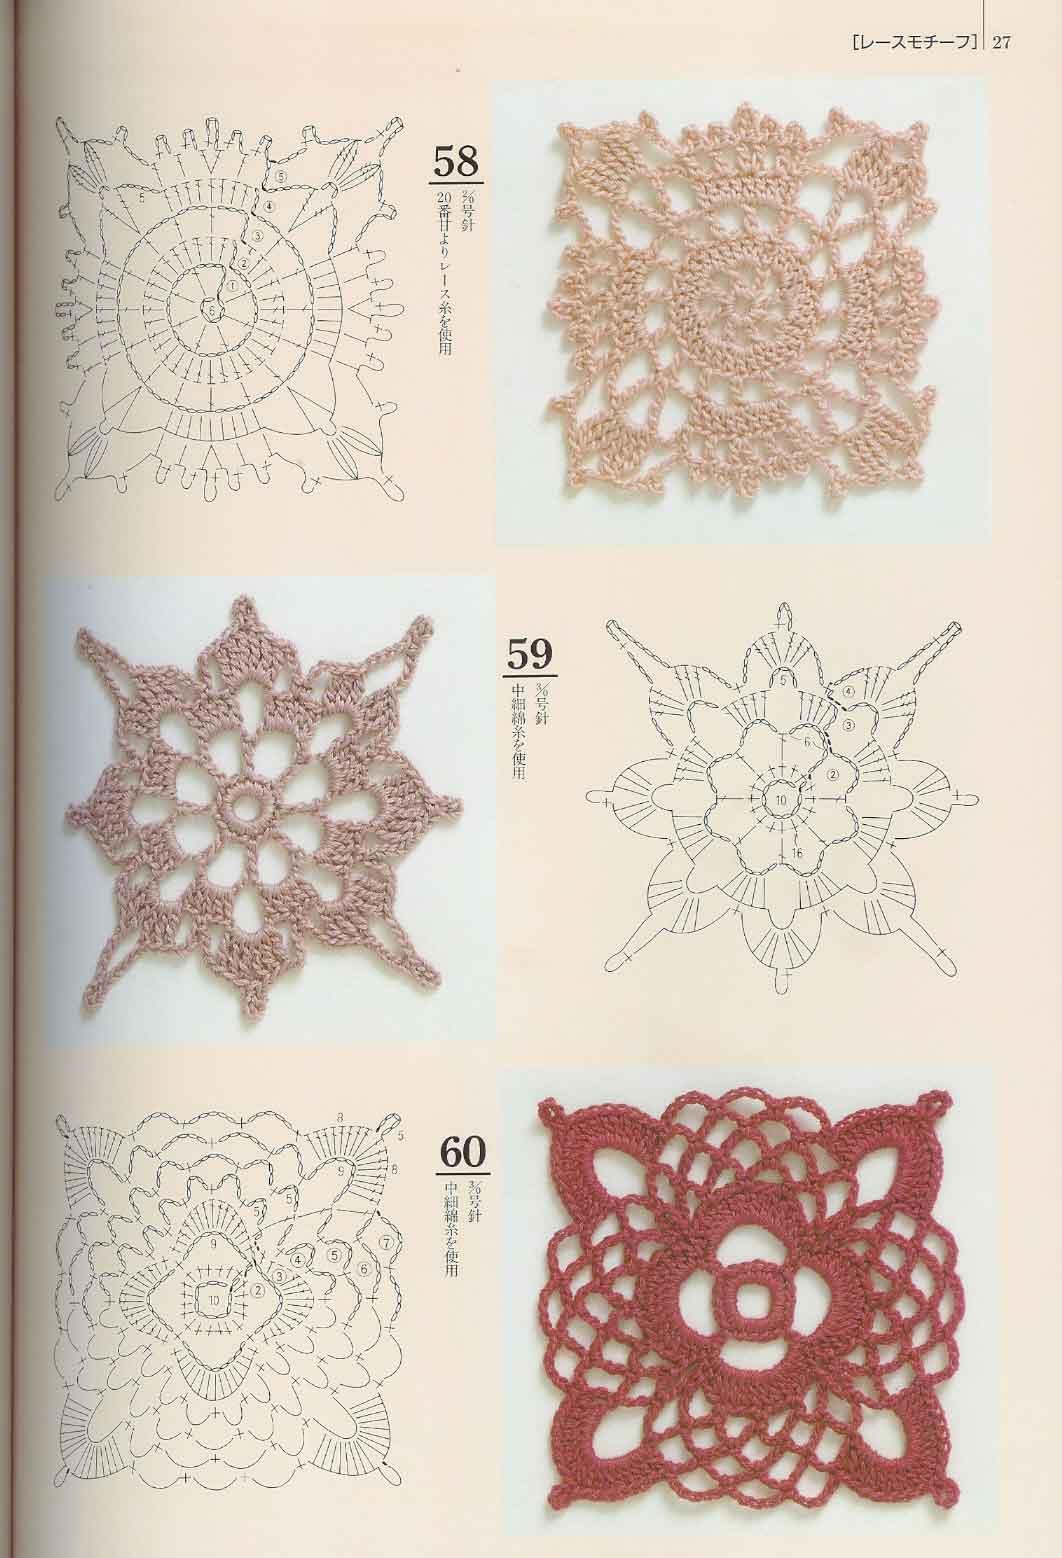 Piastrelle uncinetto 15 punto croce uncinetto schemi gratis hobby creativi - Piastrelle all uncinetto schemi ...